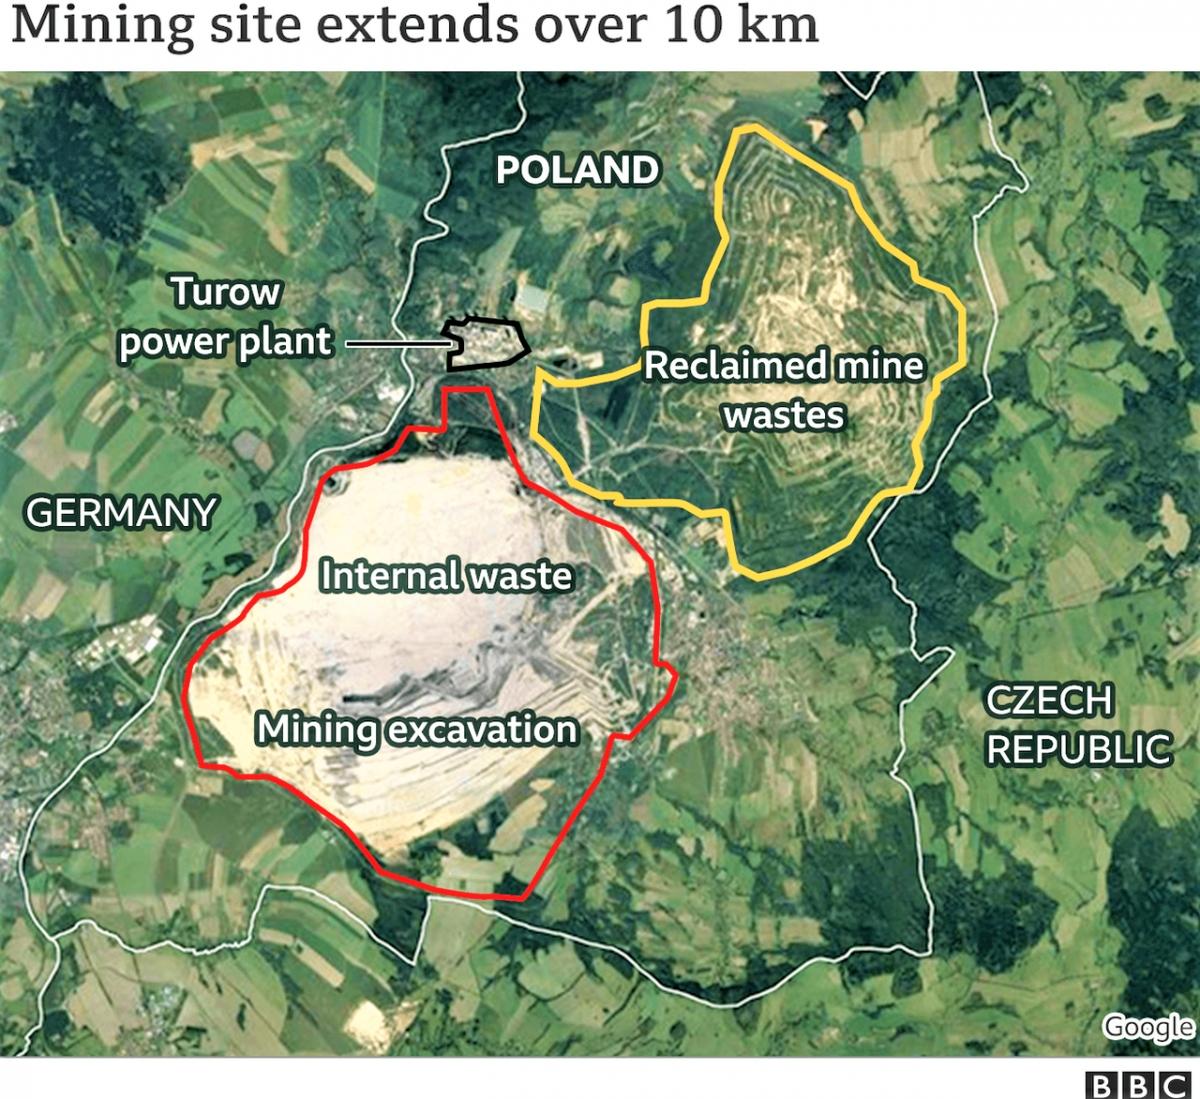 Mỏ than non Turów nằm gần biên giới 2 nước Đức, Séc và Ba Lan. Nguồn: bbc.com